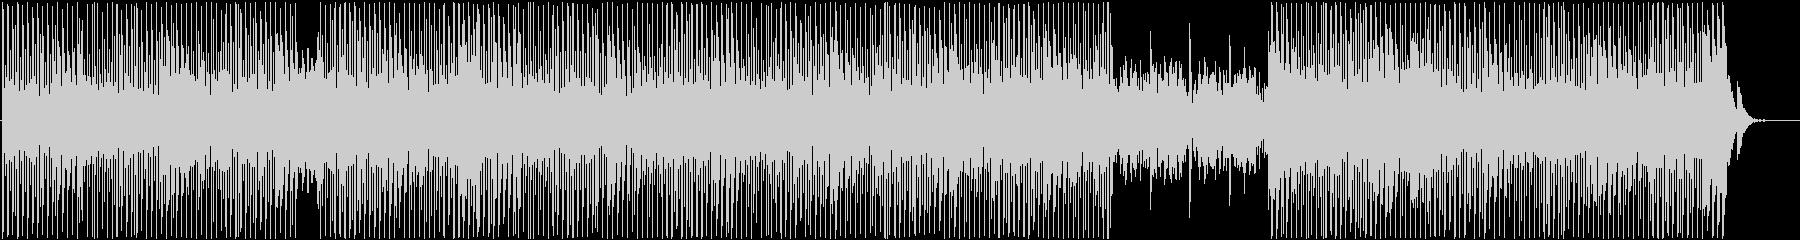 明るく軽快なシンセポップの未再生の波形